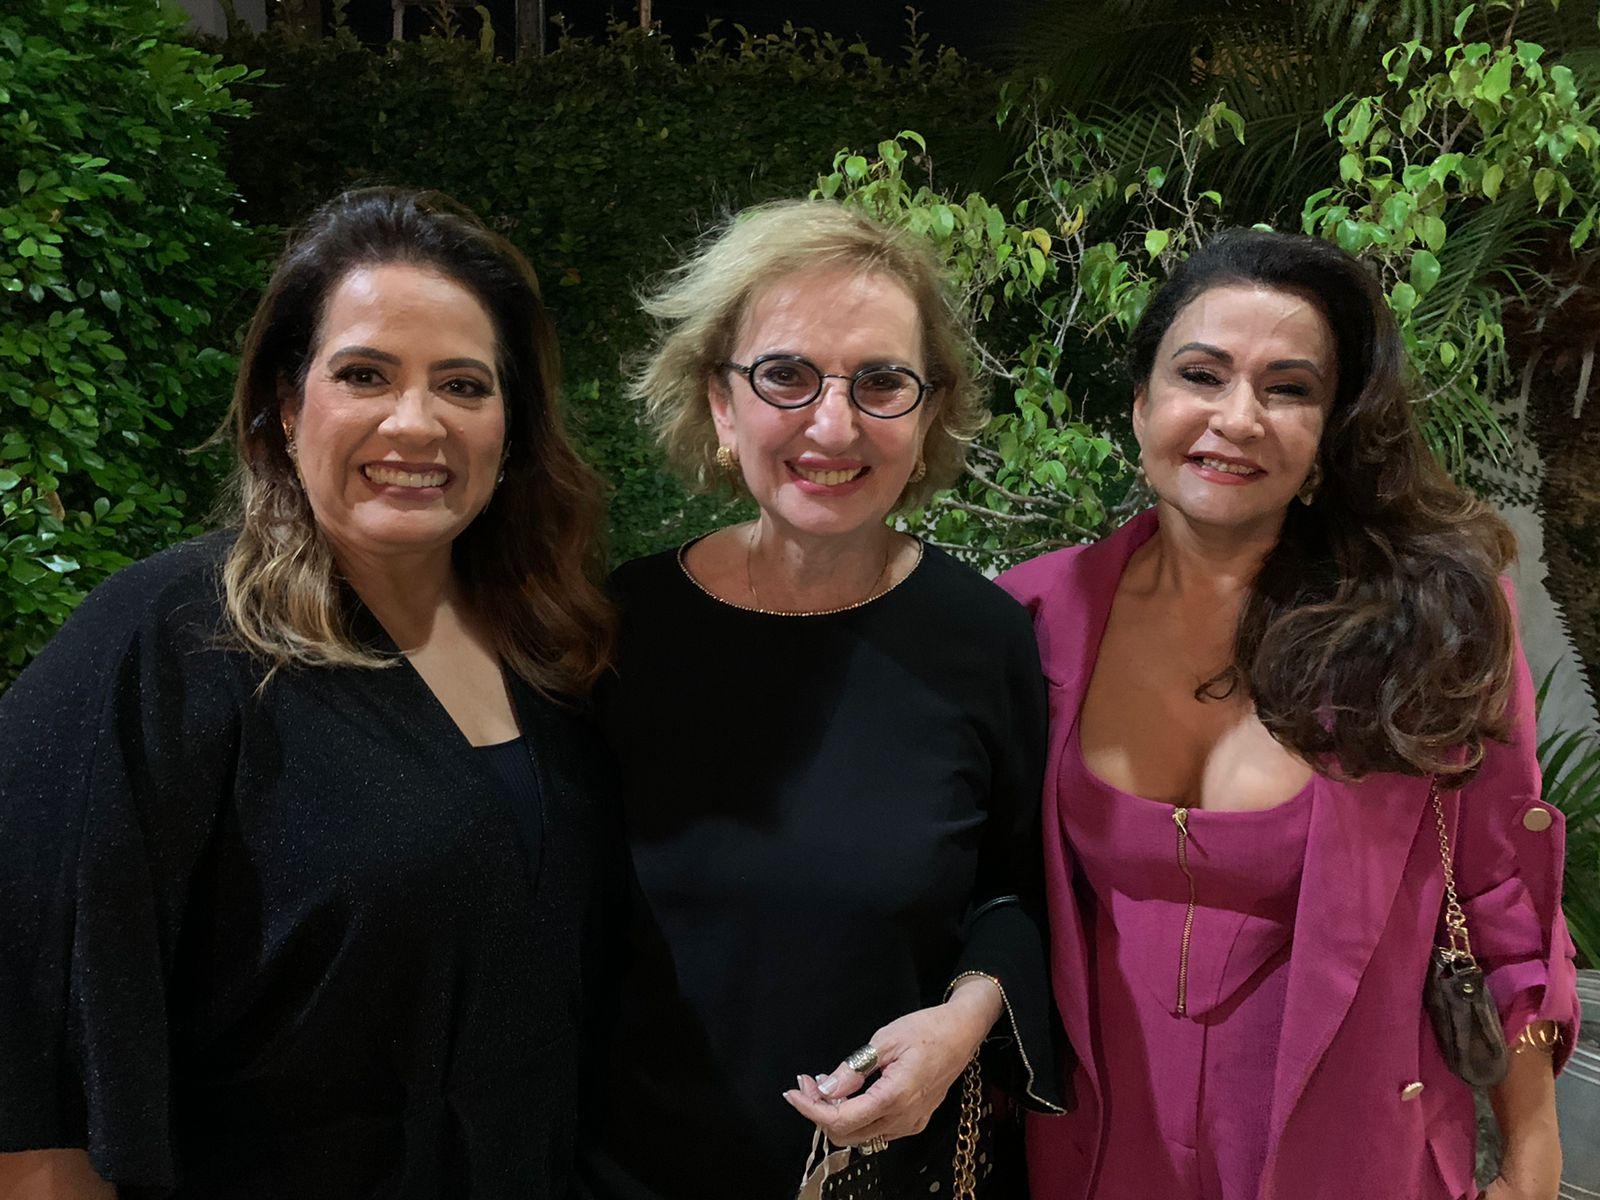 Na sessão parabéns para este colunista, no buffet Renata Motta, o trio querido das amigas Denise Lins, Anninha Melo e Márcia Marinho.